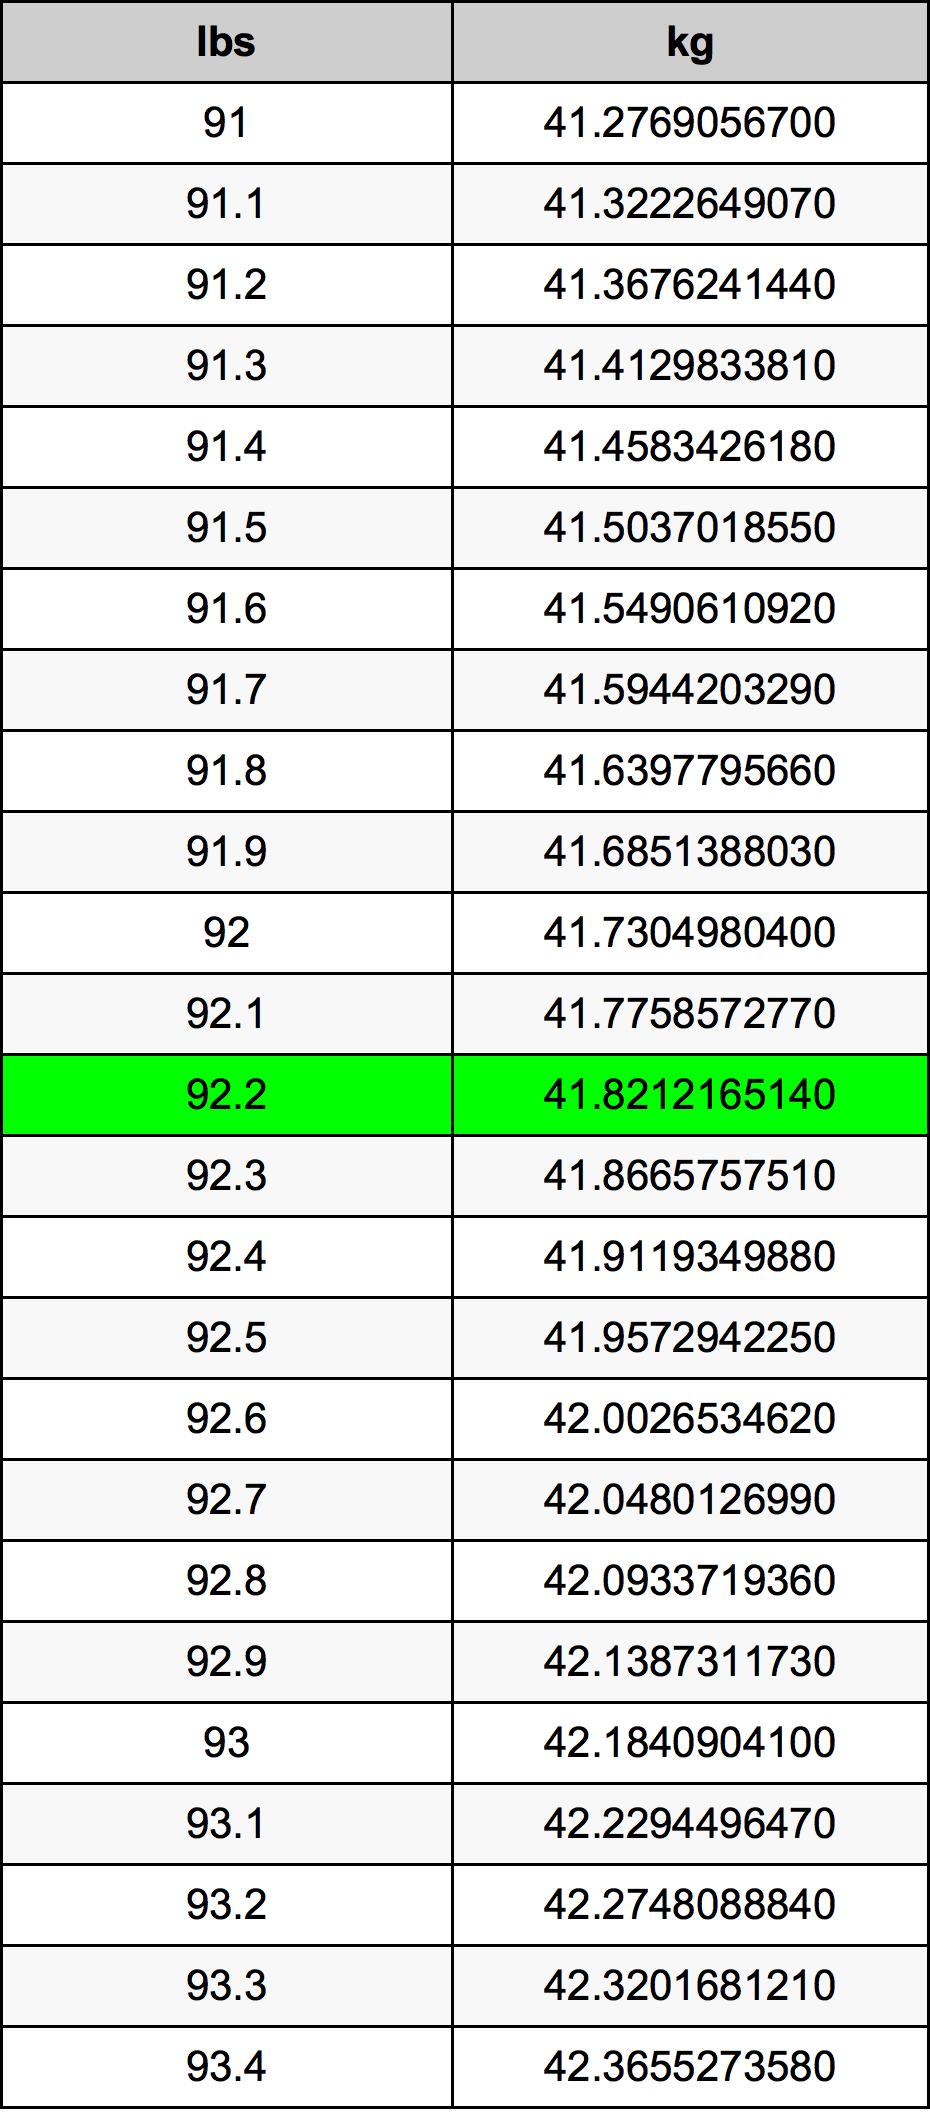 92.2 livră tabelul de conversie